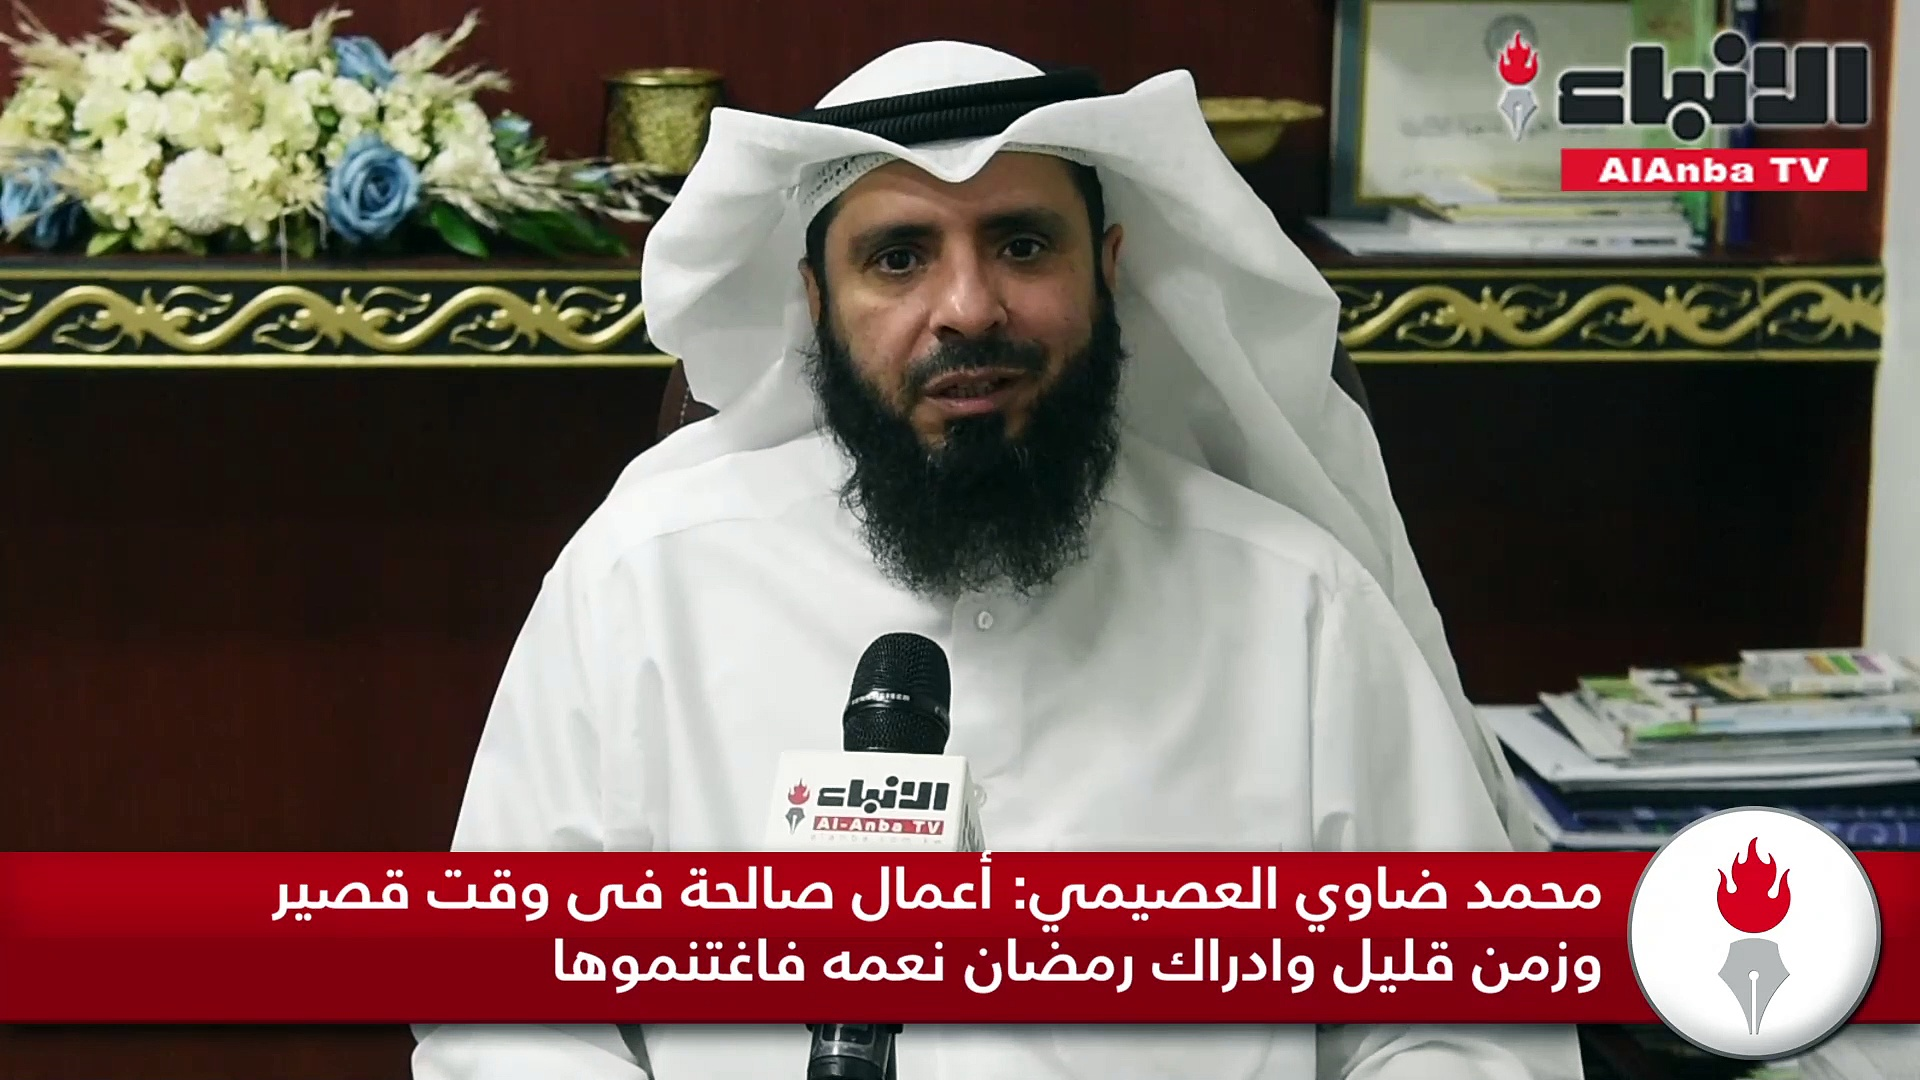 محمد ضاوي العصيمي: أعمال صالحة فى وقت قصير وزمن قليل وادراك رمضان نعمه فاغتنموها